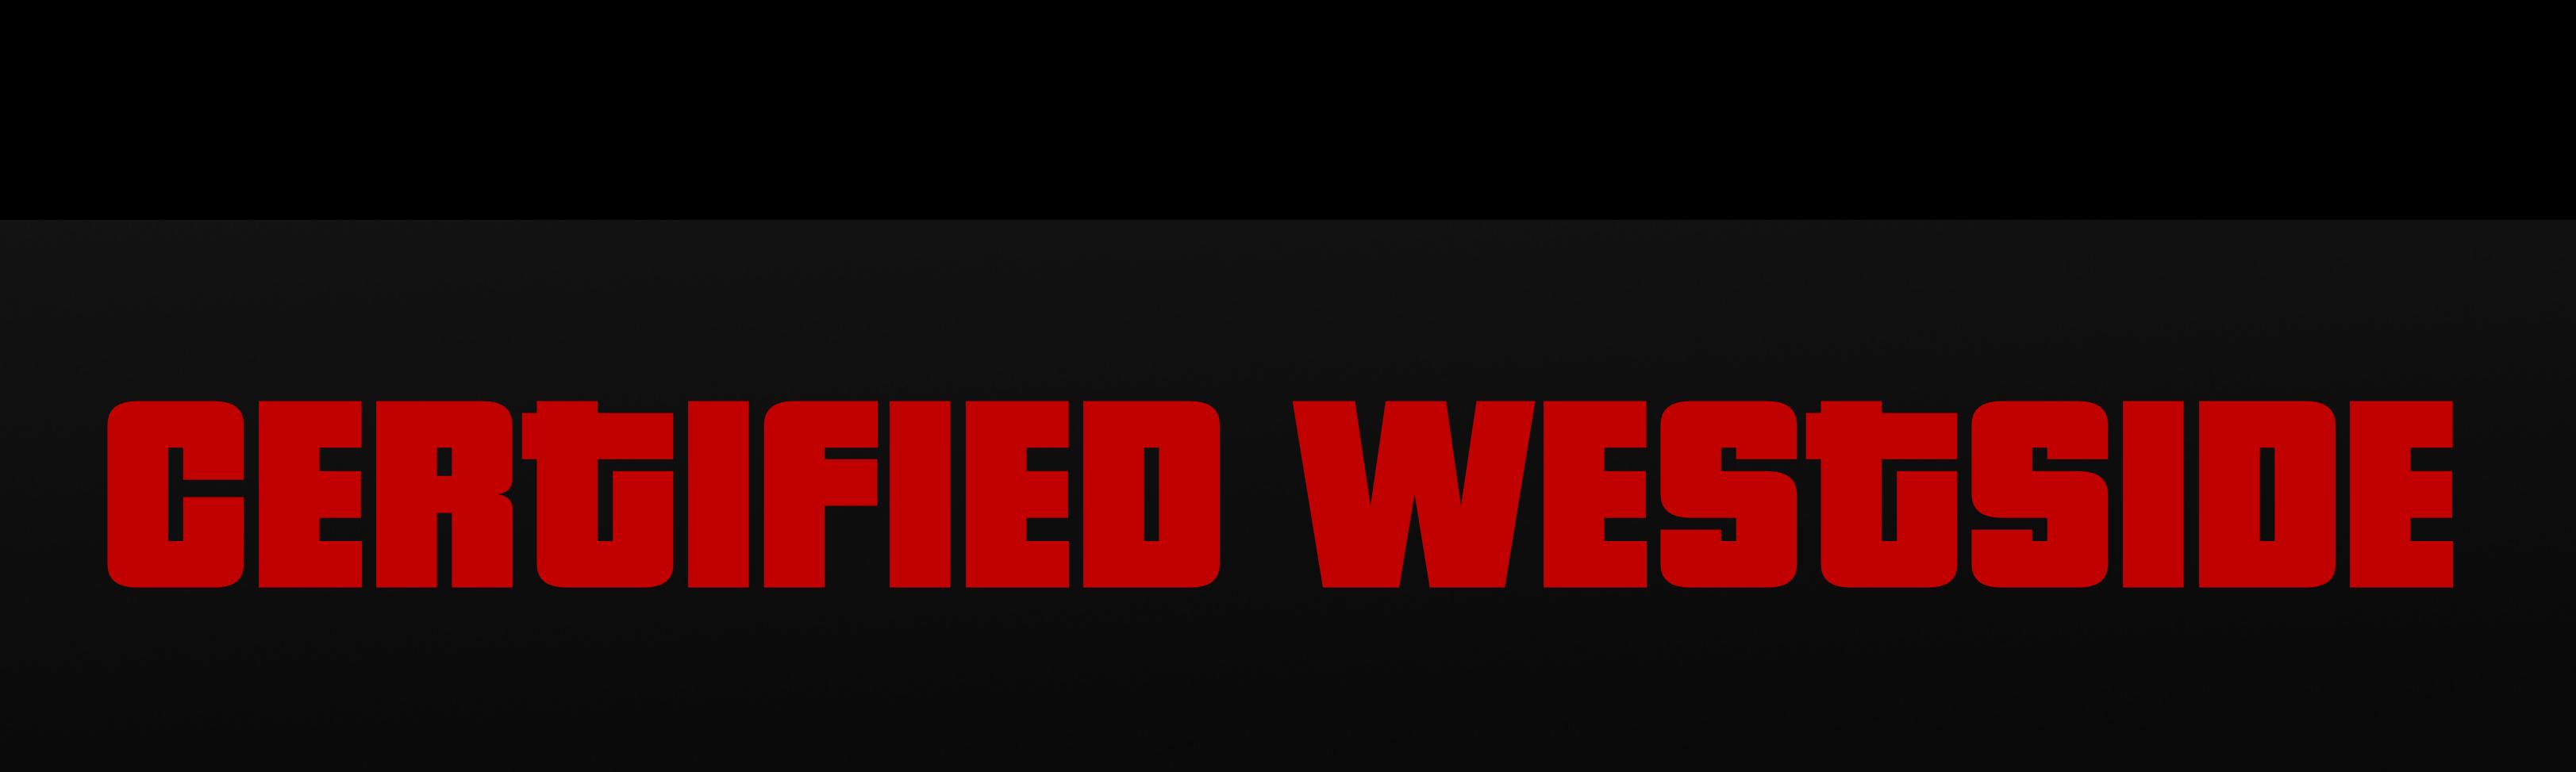 Certified Westside ®